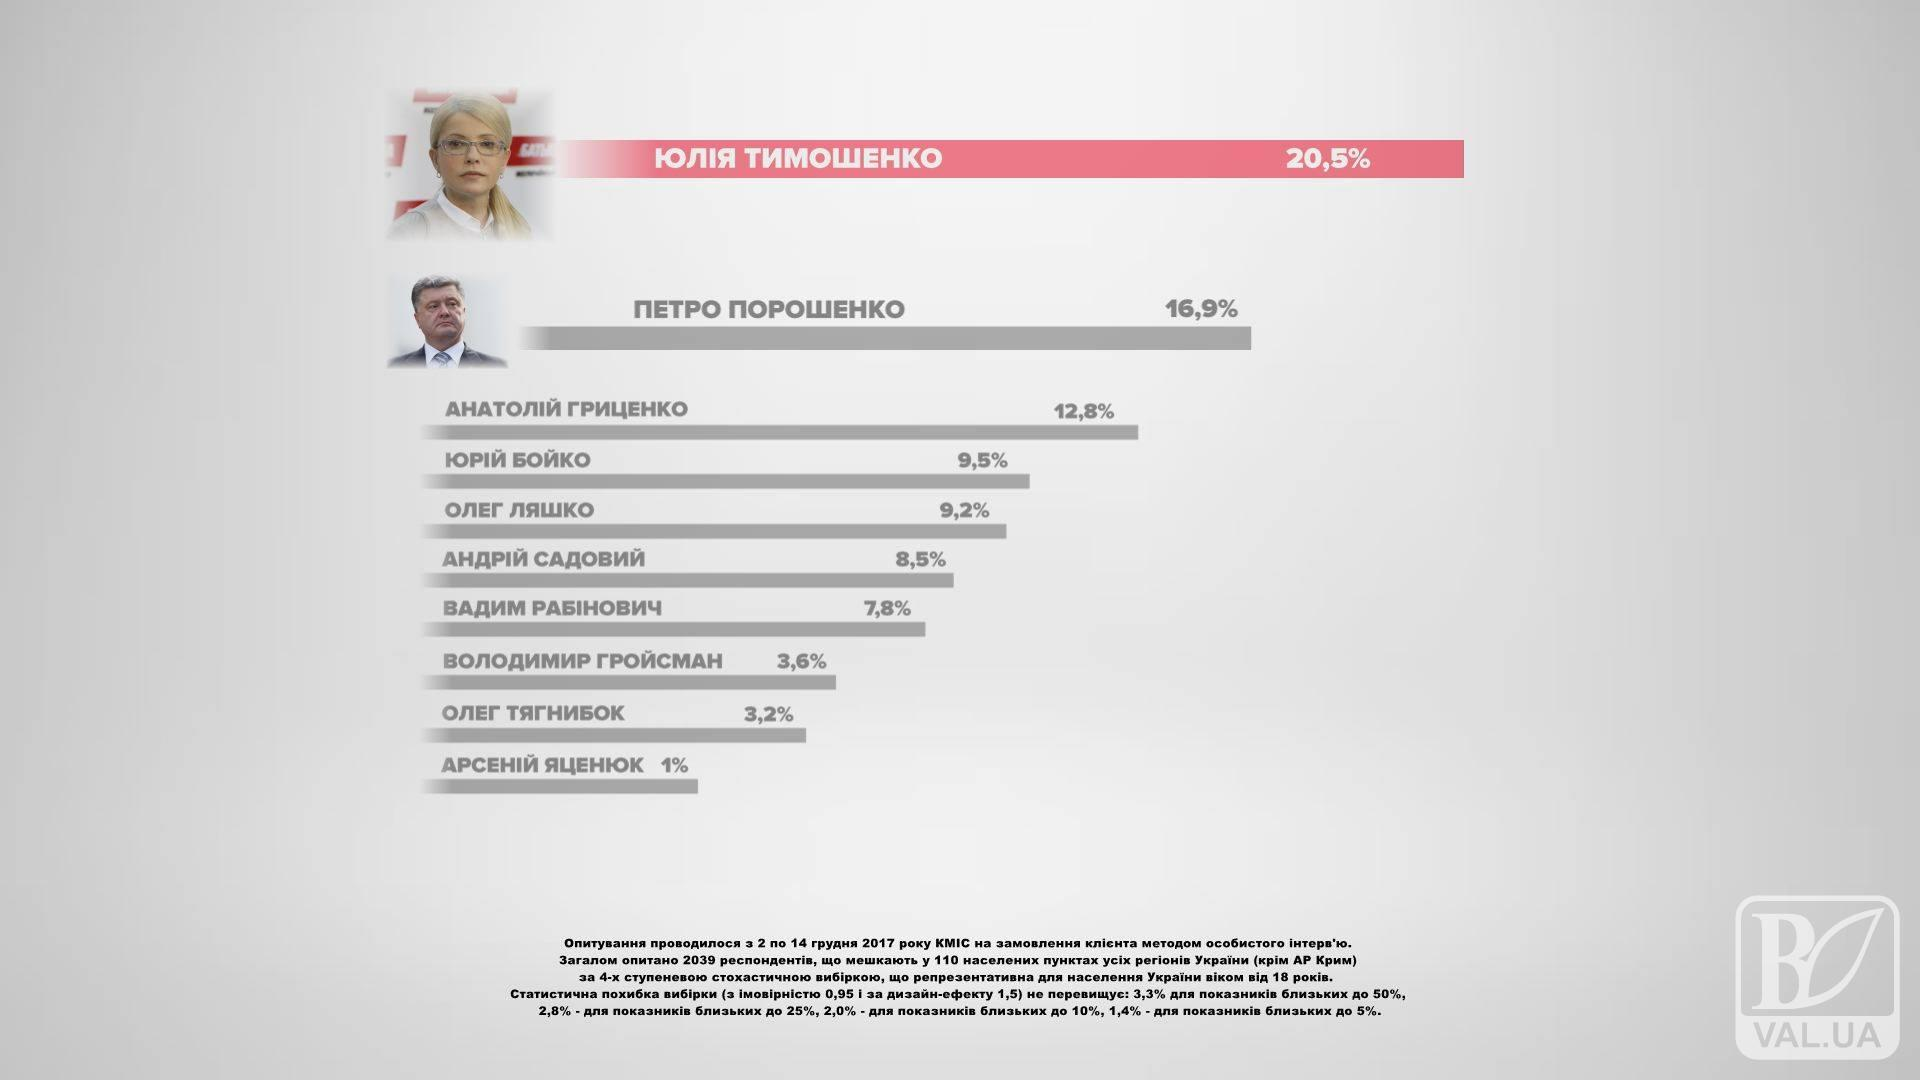 """Тимошенко і """"Батьківщина"""" могли б перемогти на виборах у грудні, - КМІС. ВІДЕО"""